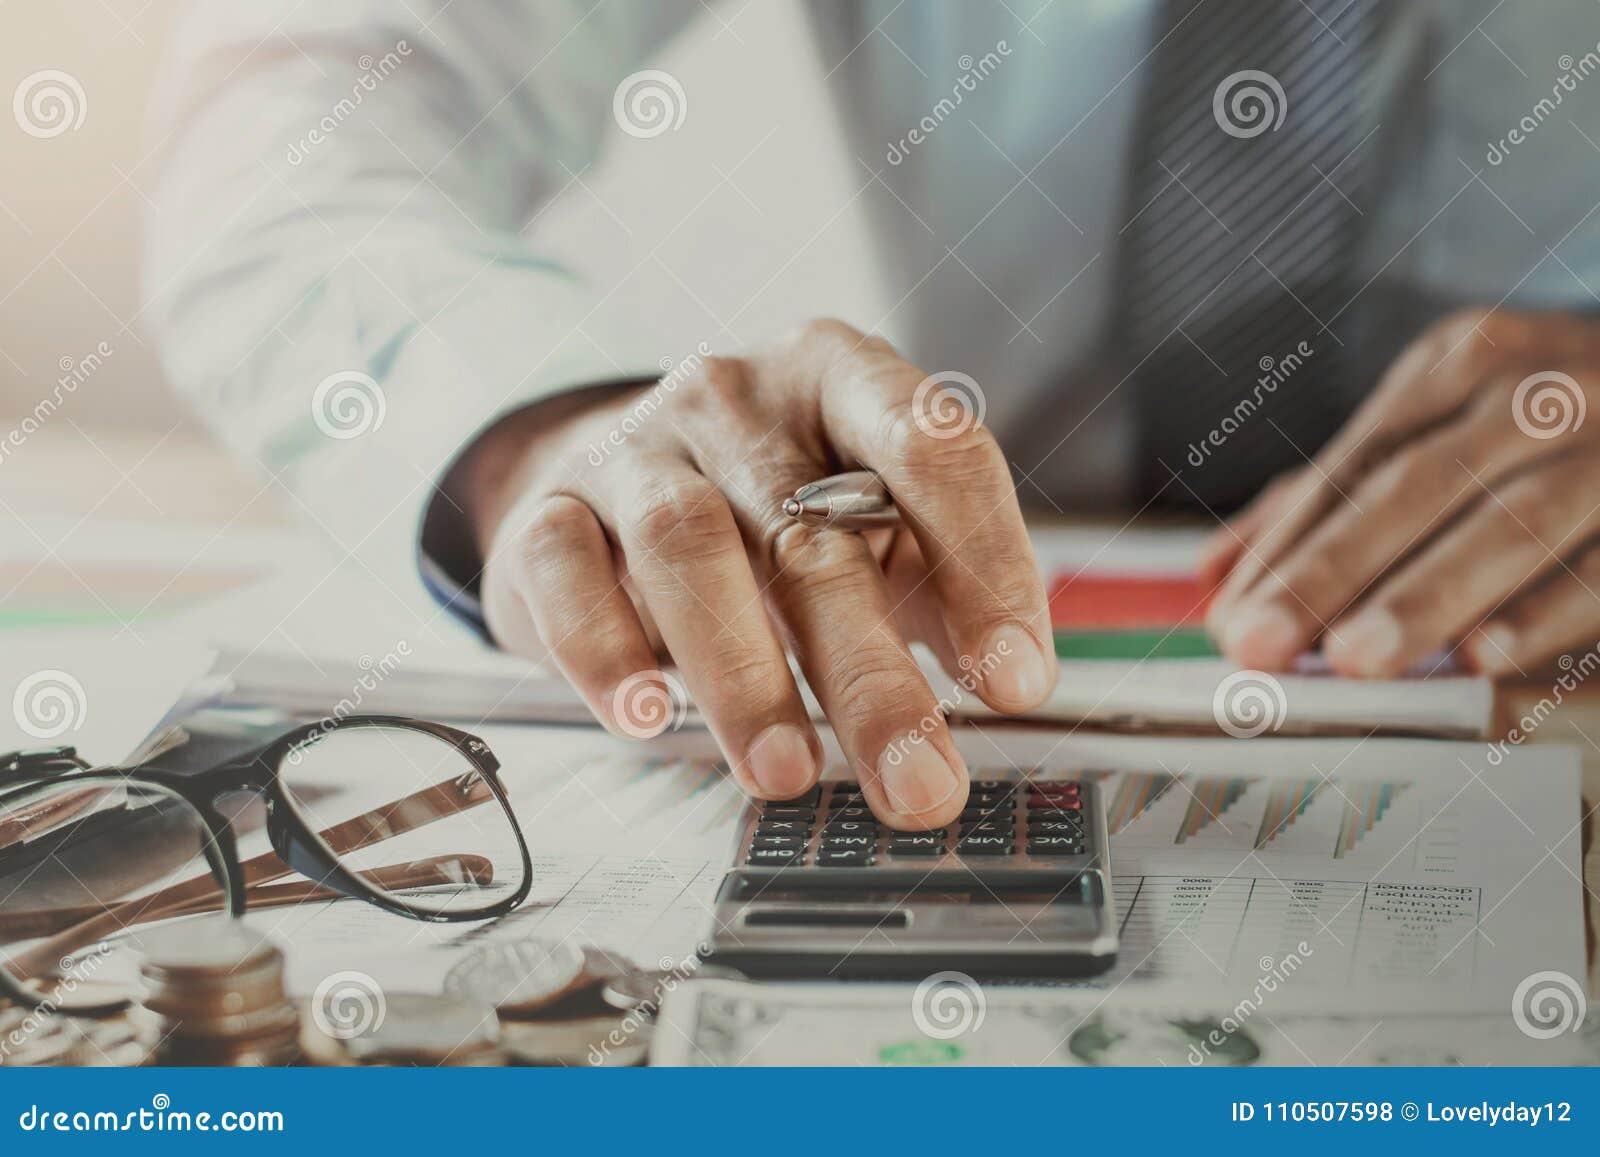 Comptable Working In Office finances d affaires et Co de comptabilité